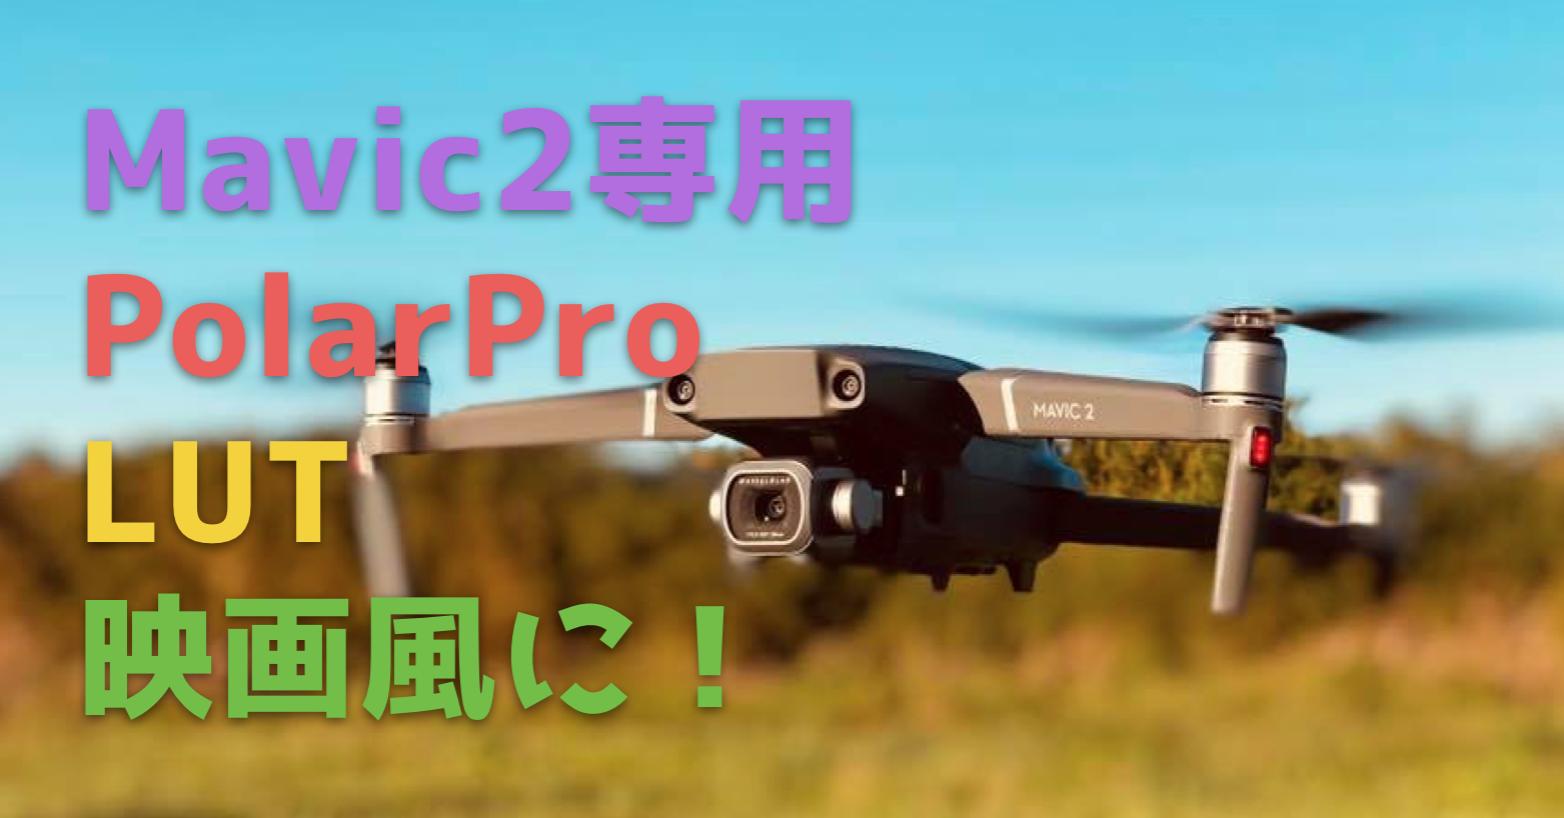 PolarProでMavic 2 PRO ドローン専用『LUT』で簡単に映画調動画になるぞ!